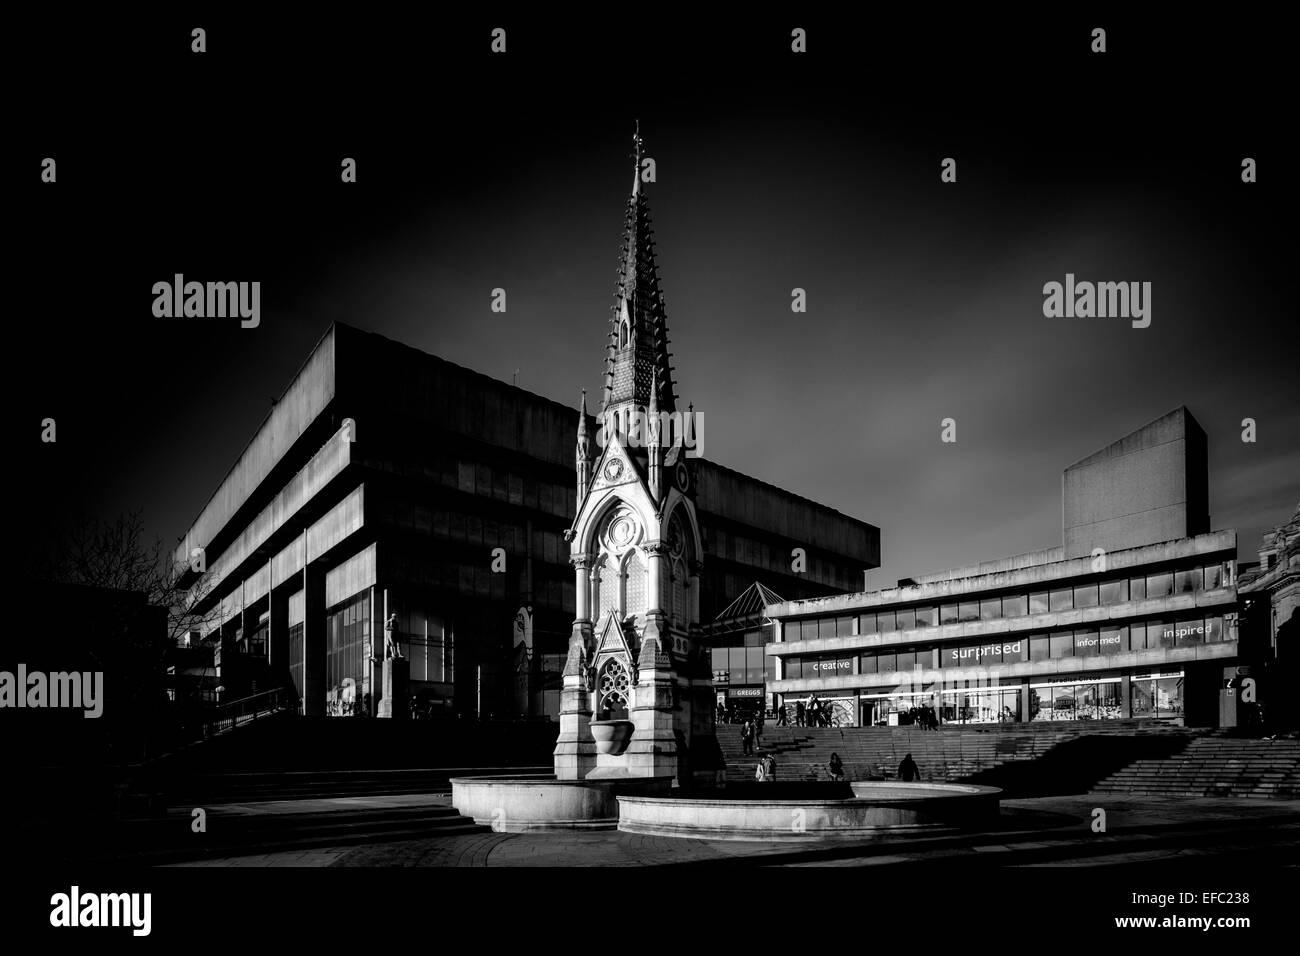 L'ancienne bibliothèque (avant la démolition) dans Chamberlain Square, Birmingham, Birmingham.. Photo Stock